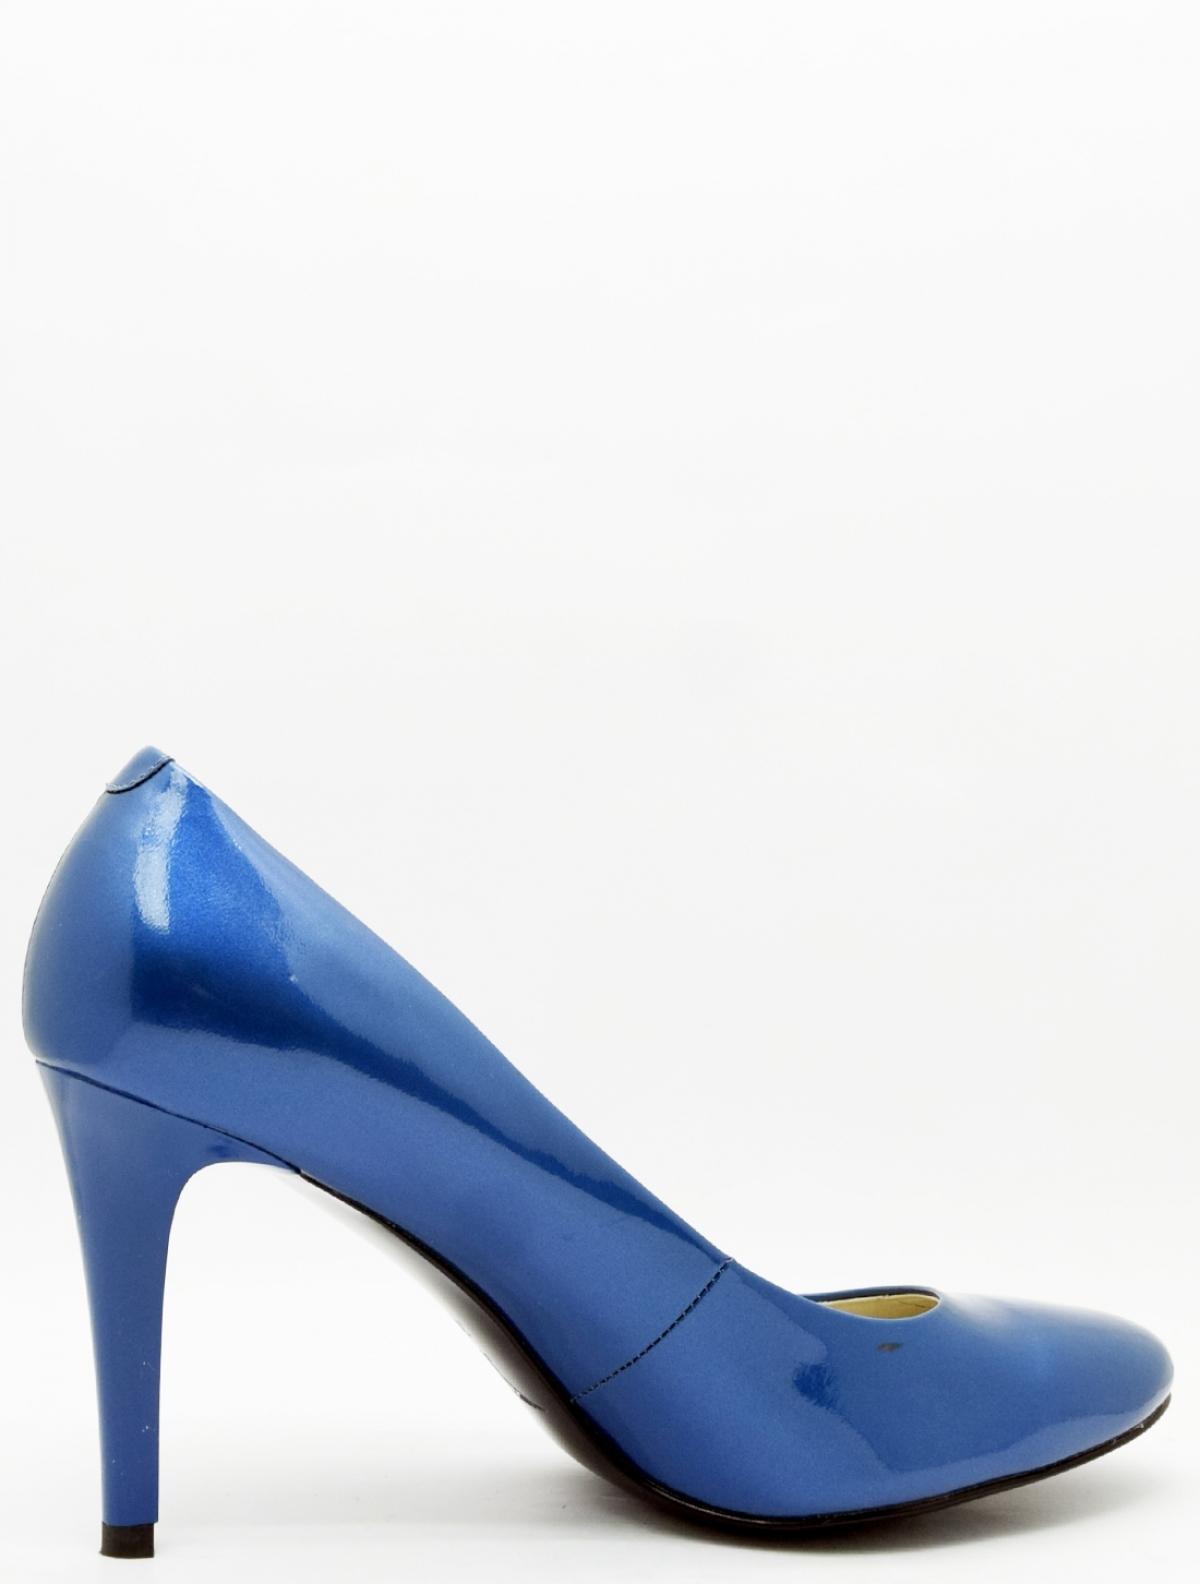 386-W62-2H-M туфли женские